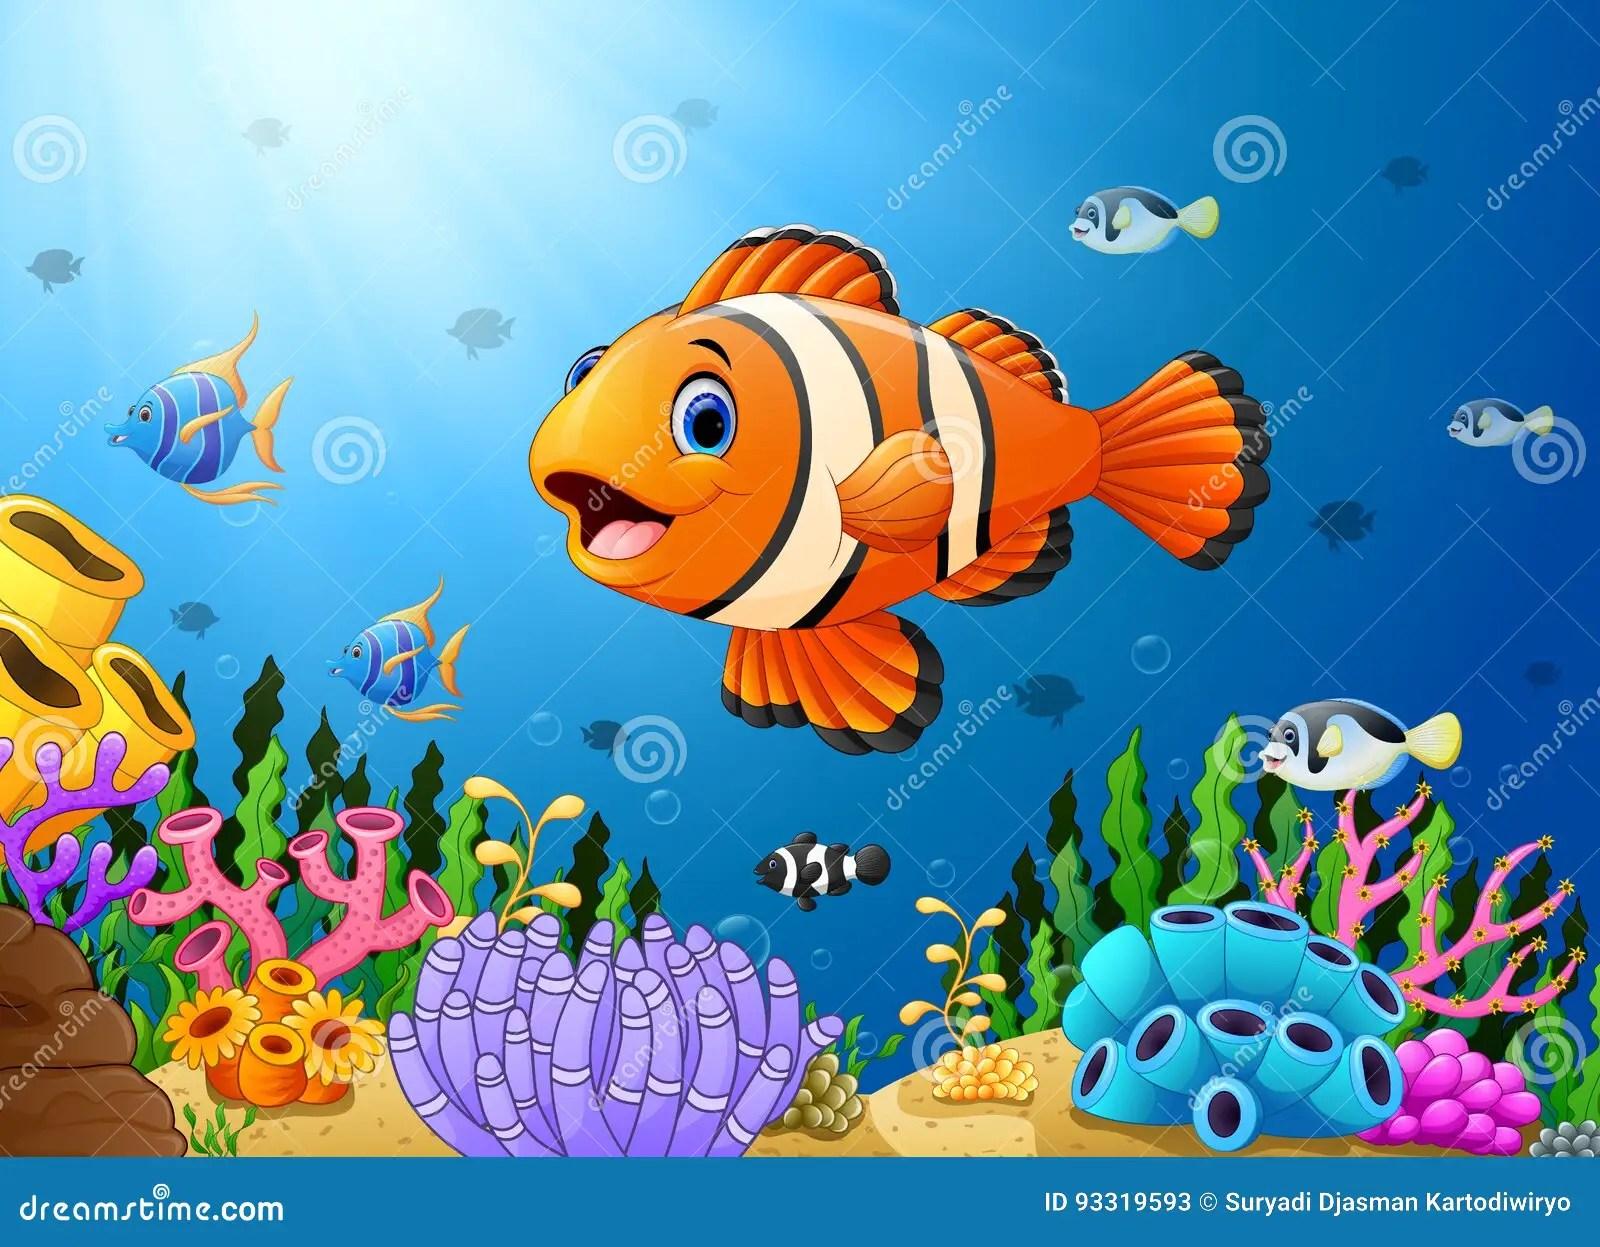 Cute Algae Wallpaper Cute Clown Fish Cartoon In The Sea Stock Vector